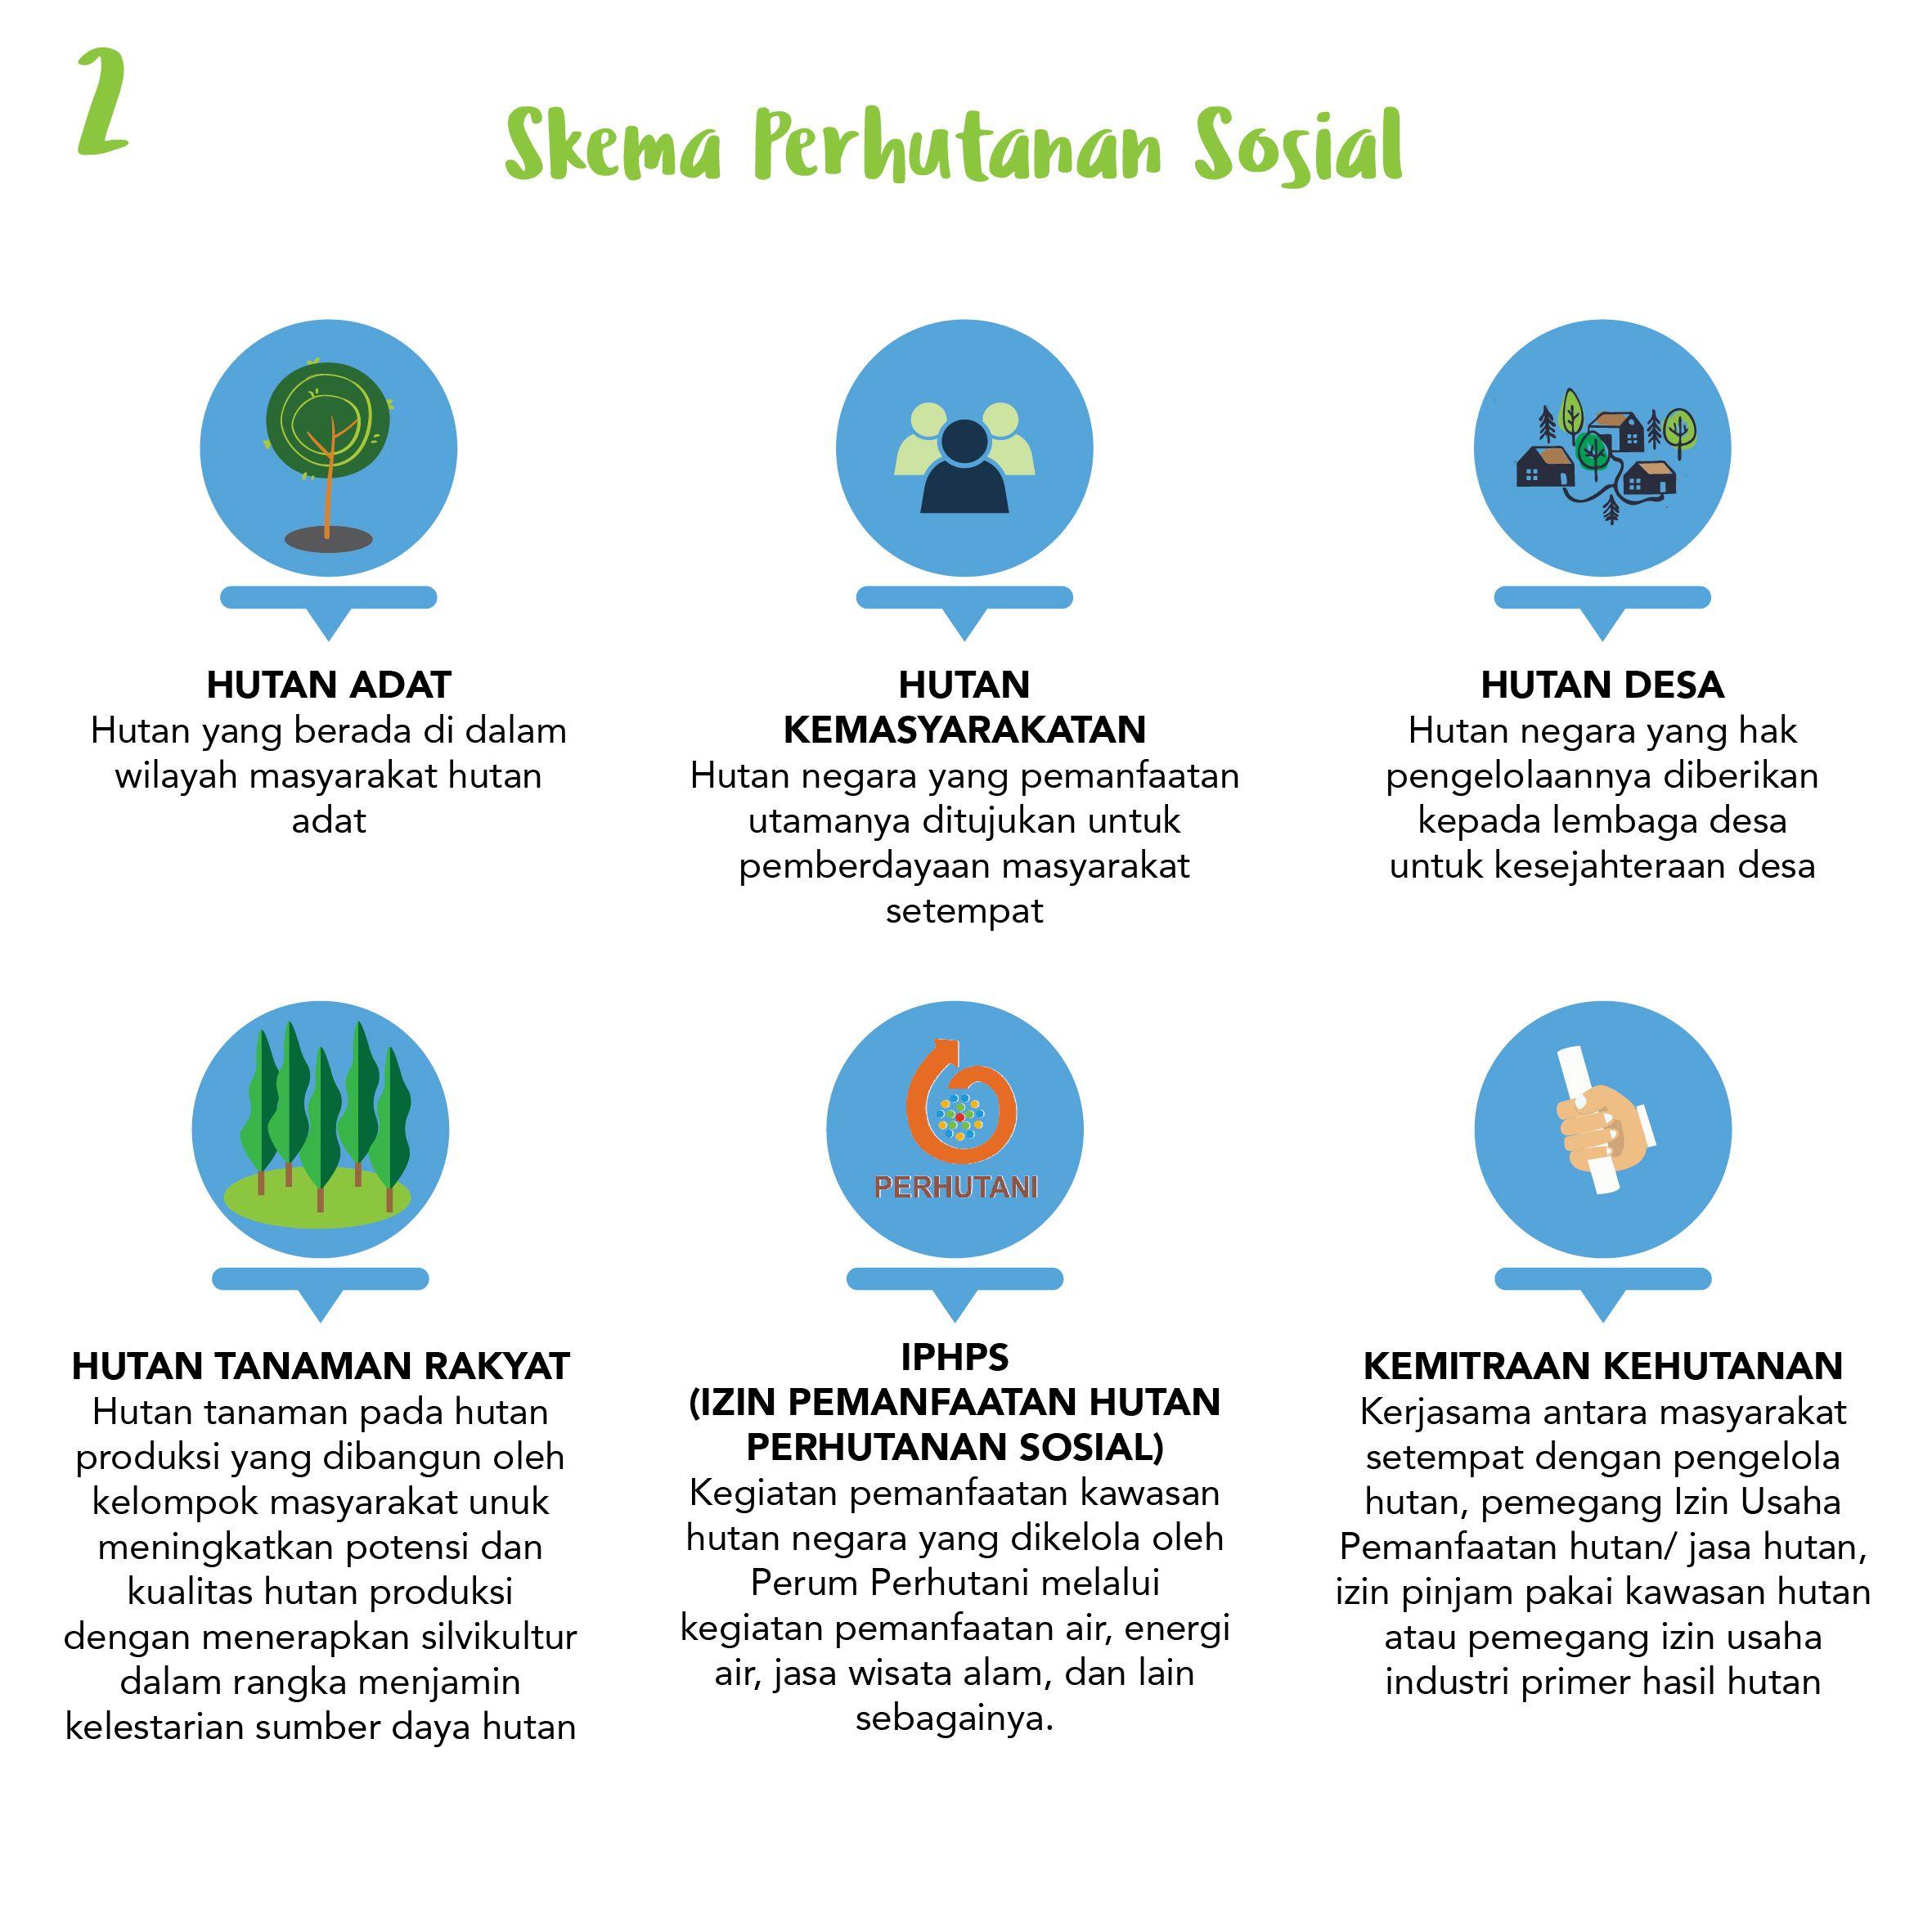 bentuk pengelolaan potensi hutan dalam skema perhutanan sosial ...